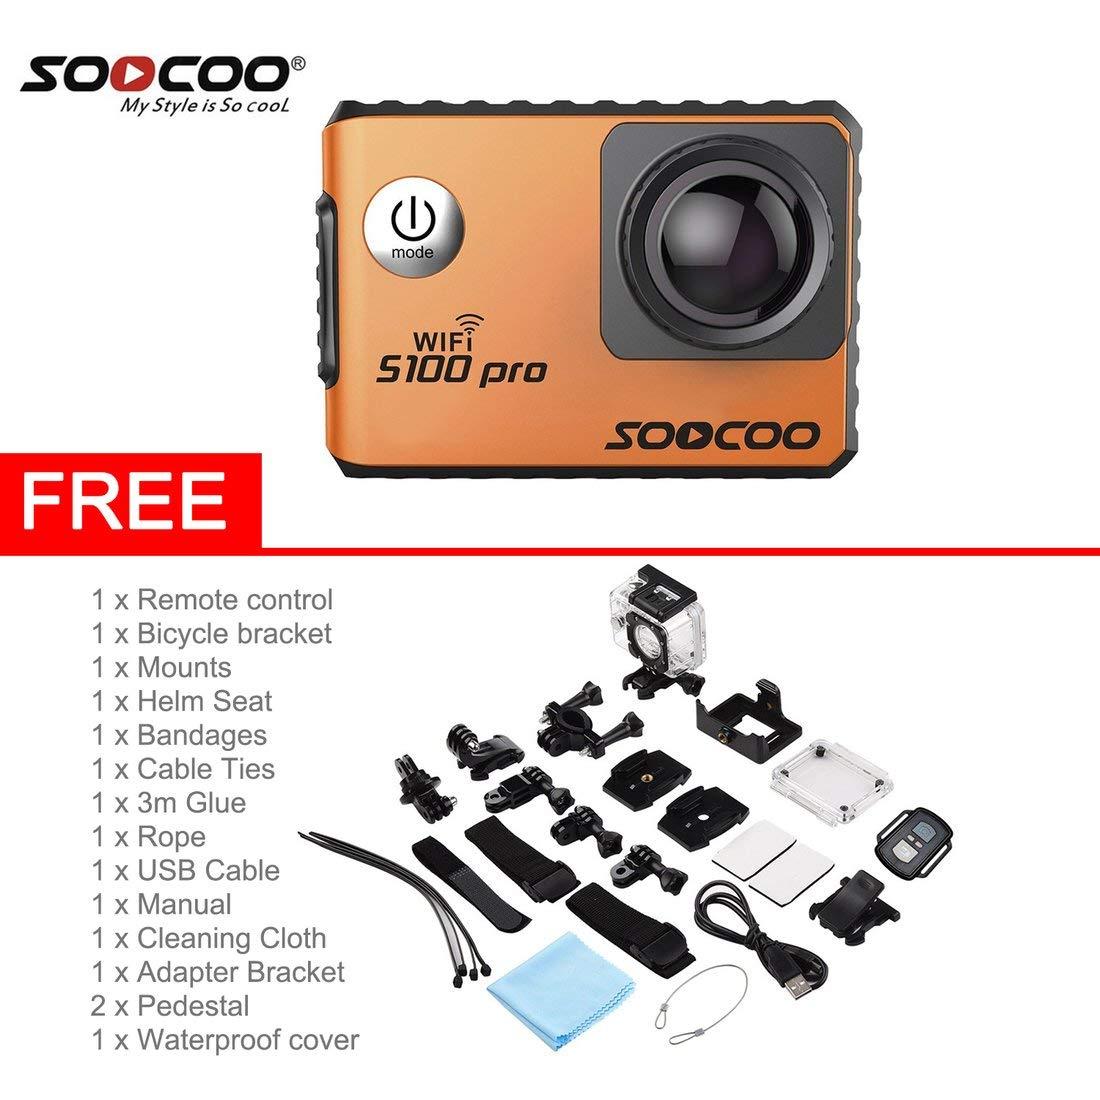 Formulaone SOOCOO Sprachsteuerung S100Pro Wasserdichte Action Kamera WiFi 4K HD 2.0 Touchscreen Sport Kamera Mit Mikrofon GPS-Verlängerung - Orange